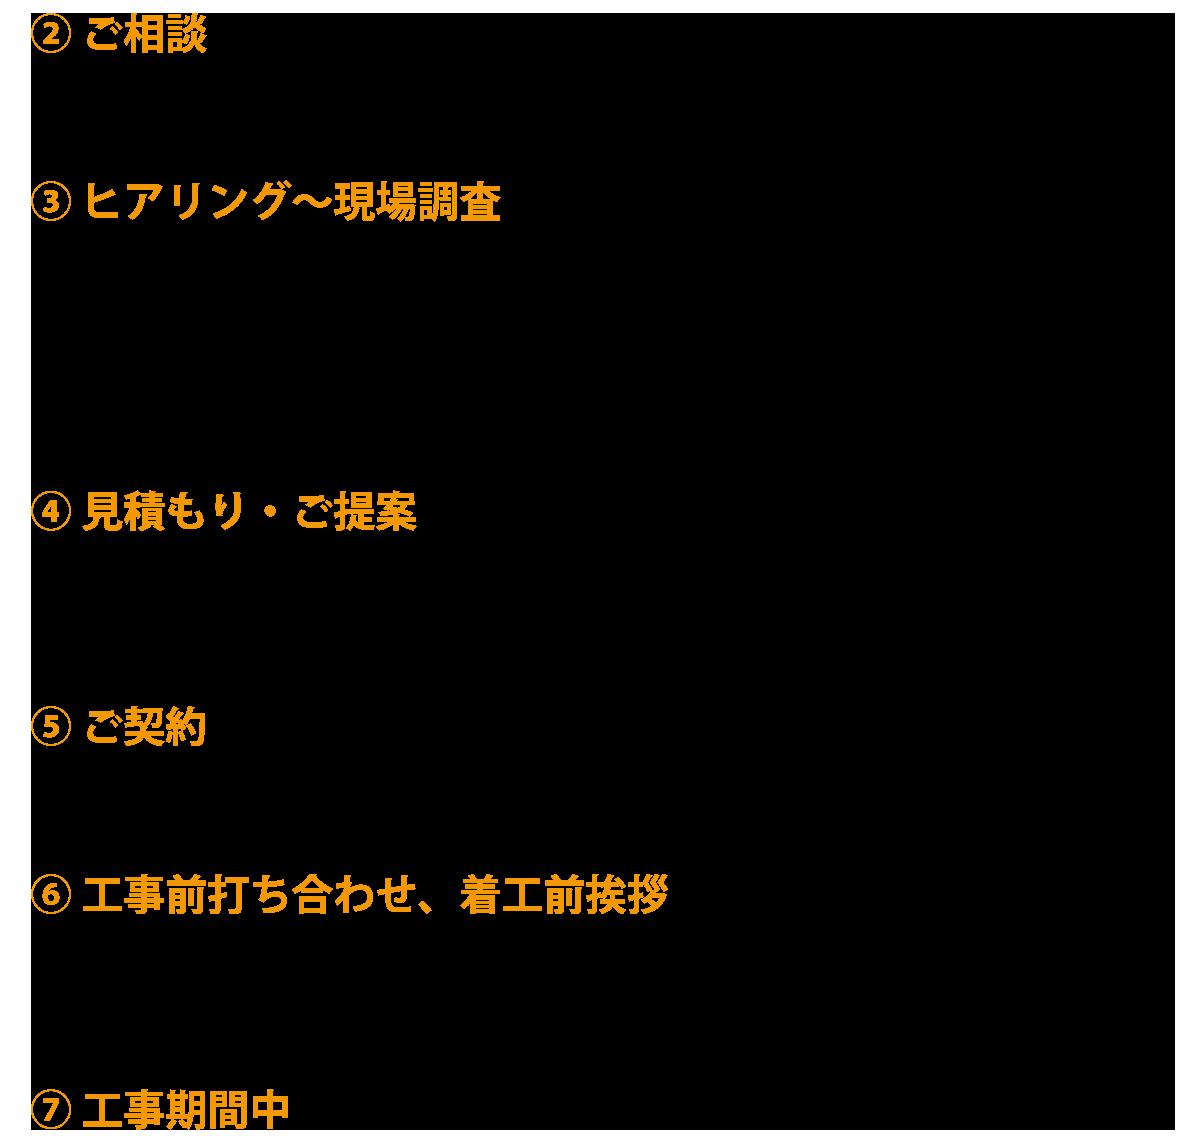 秋田の塗装業オバ建 施工までの流れ